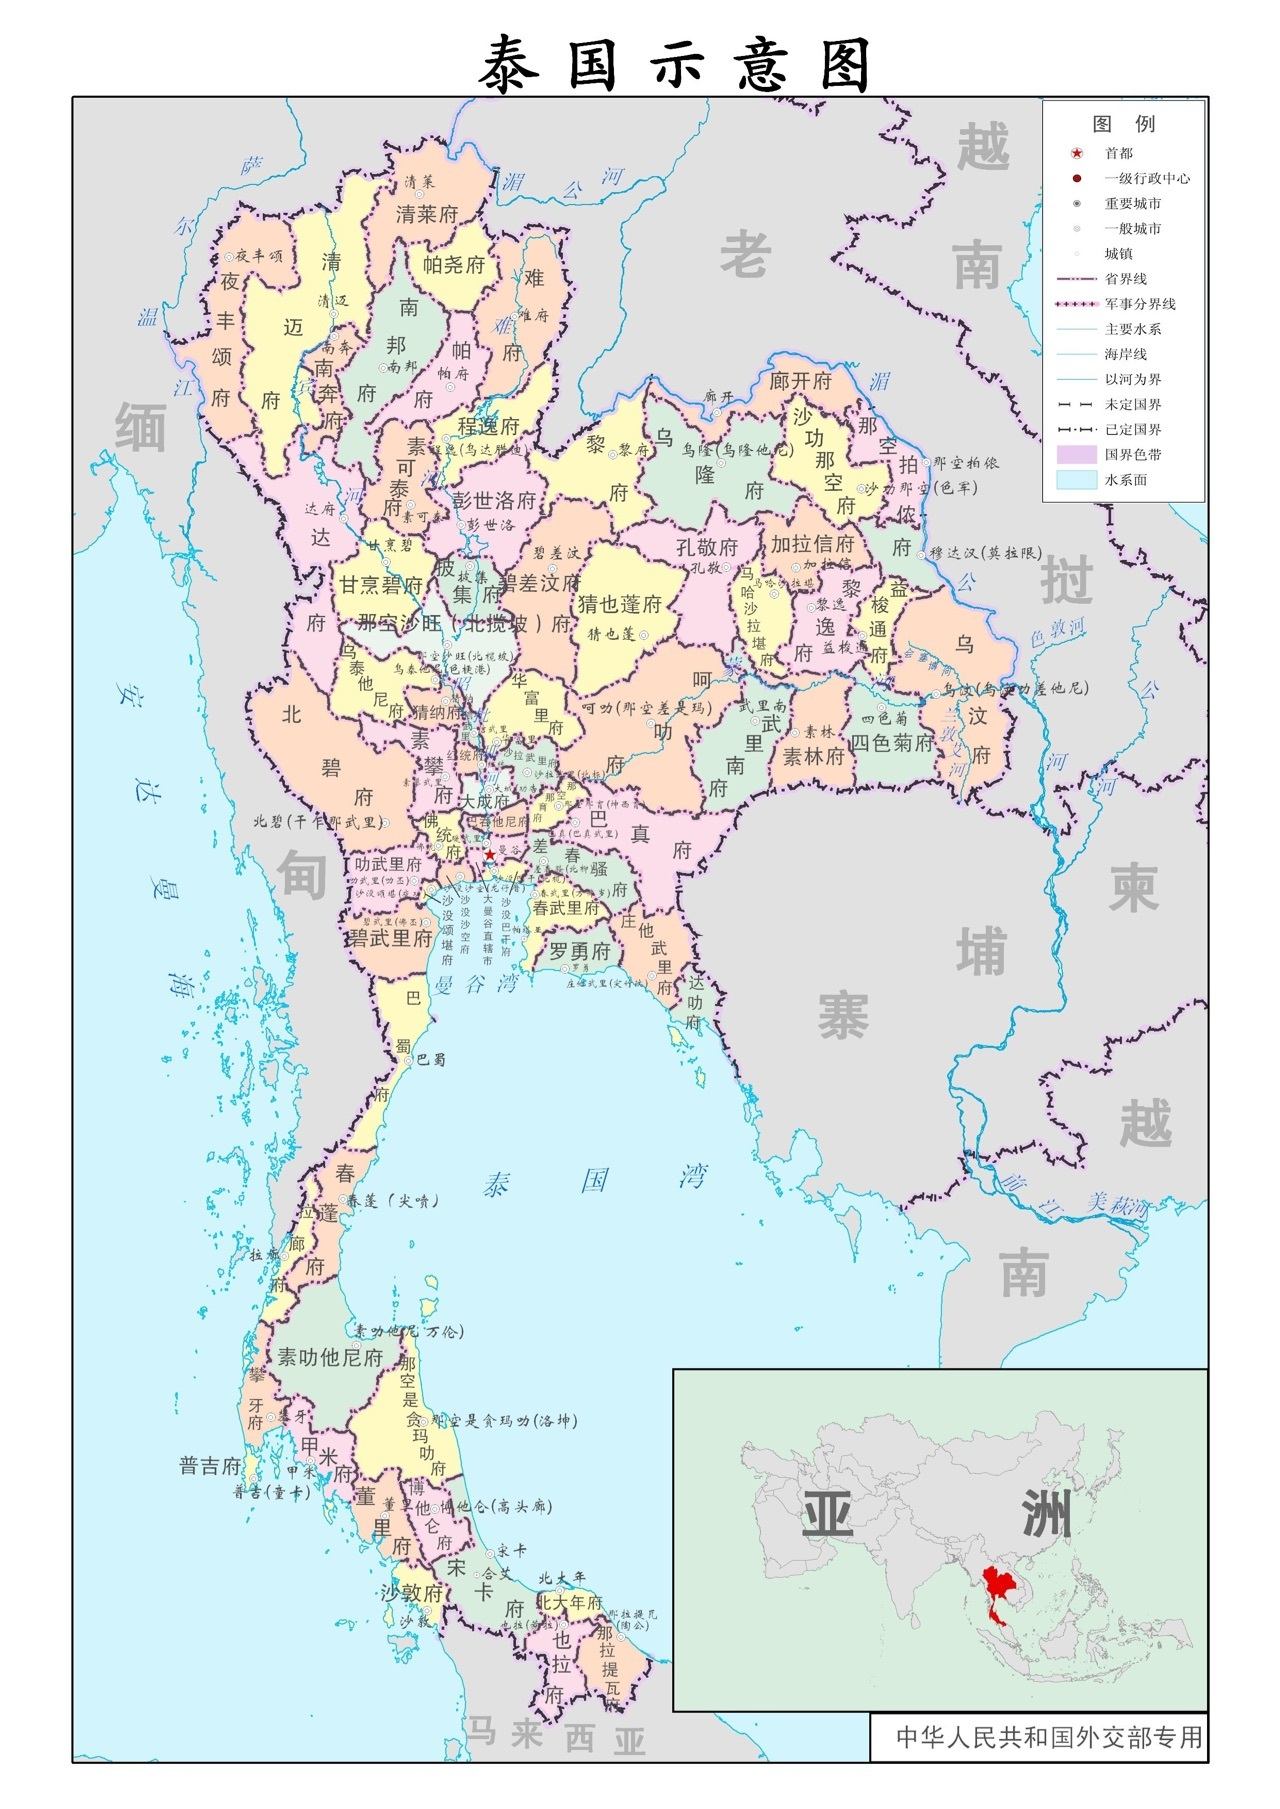 德国_高清地图整理 | 世界地图,各国行政区划图(俄罗斯,加拿大 ...